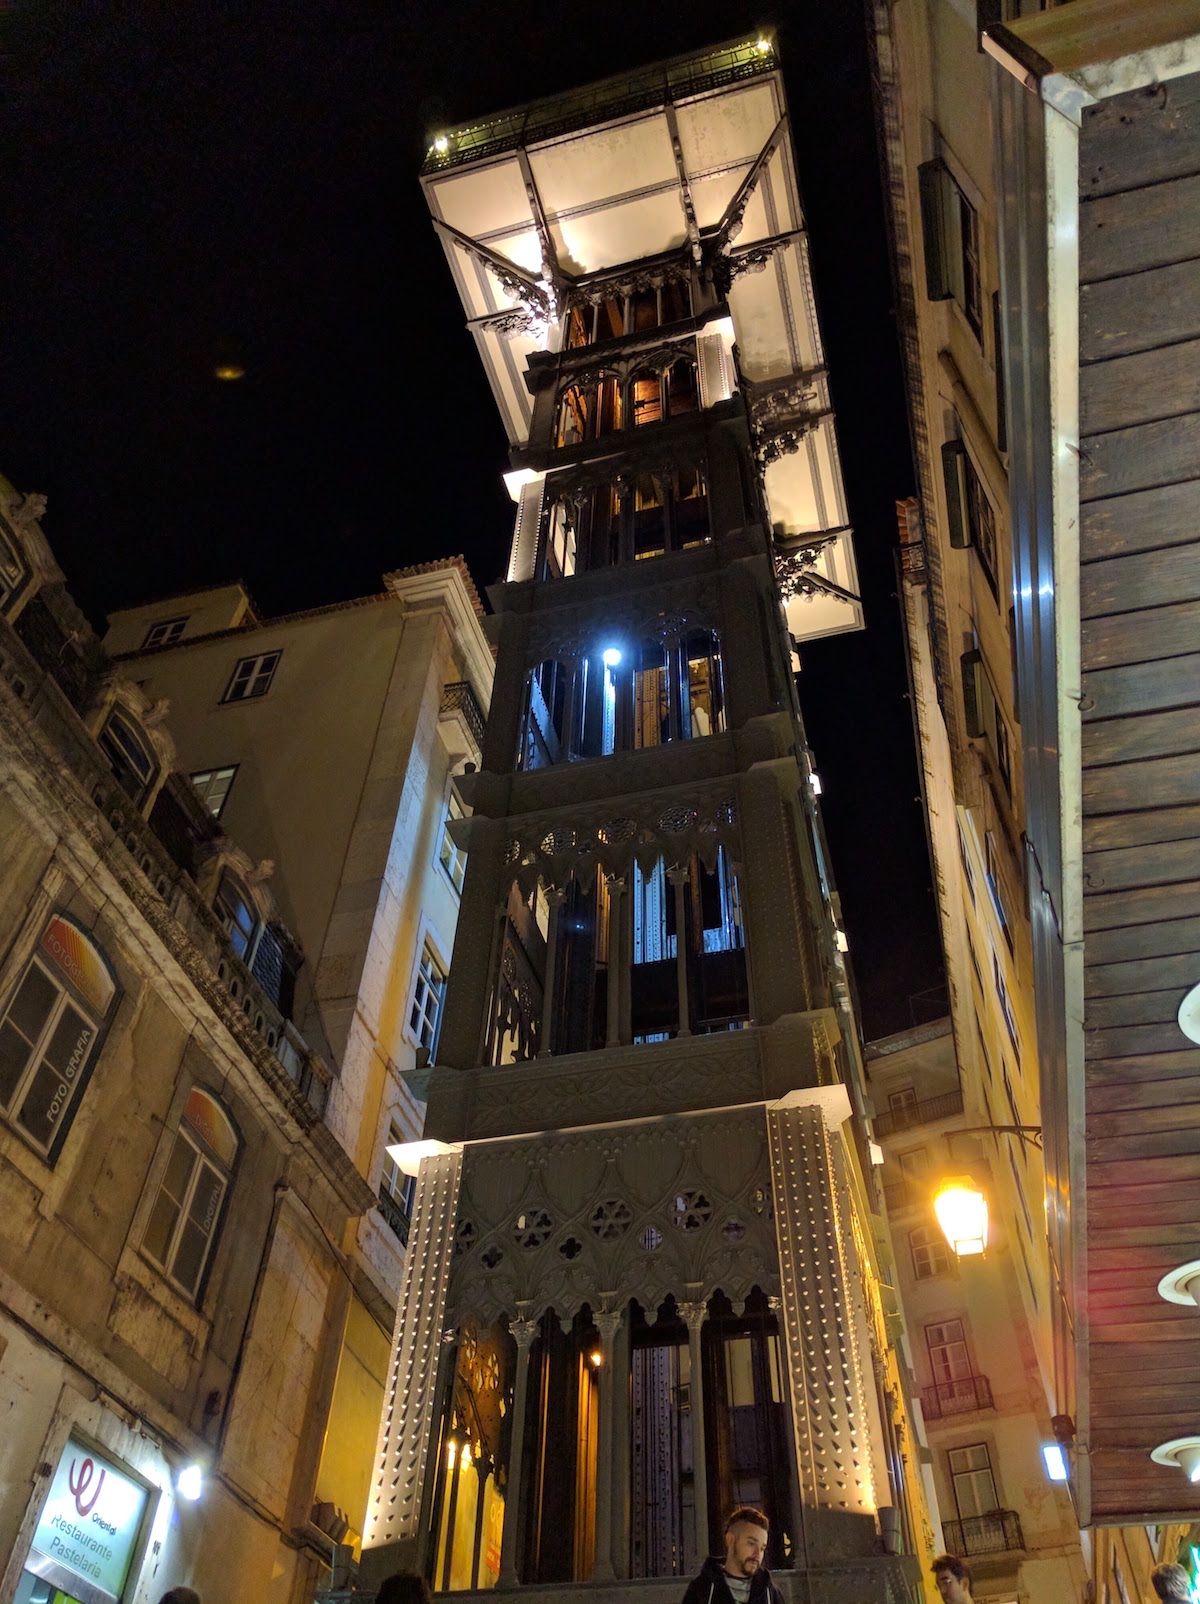 リスボンの観光名所「サンタ・ジュスタのエレベーター」とは?